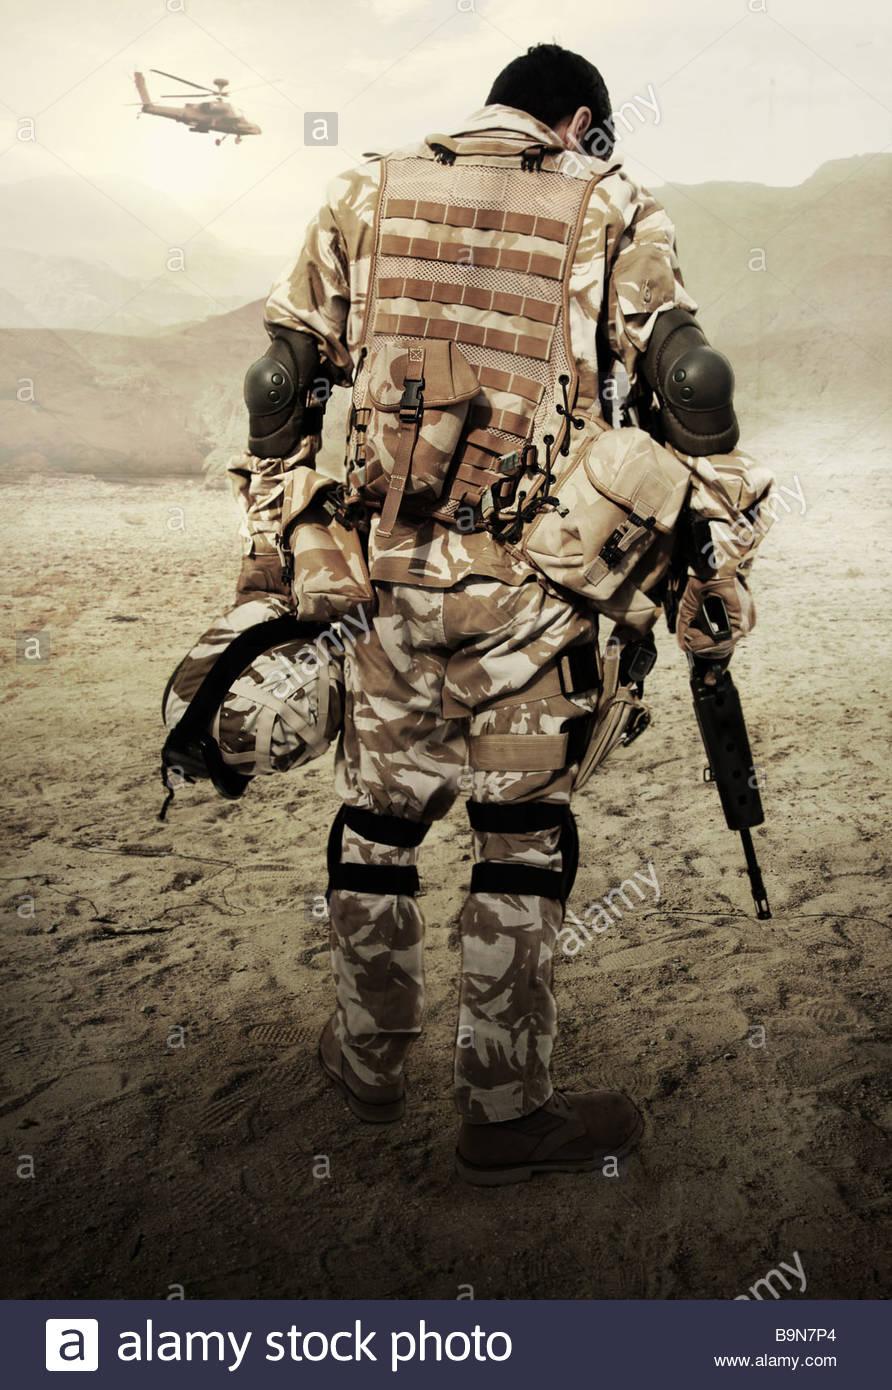 Un sgonfiato cercando soldato britannico Immagini Stock